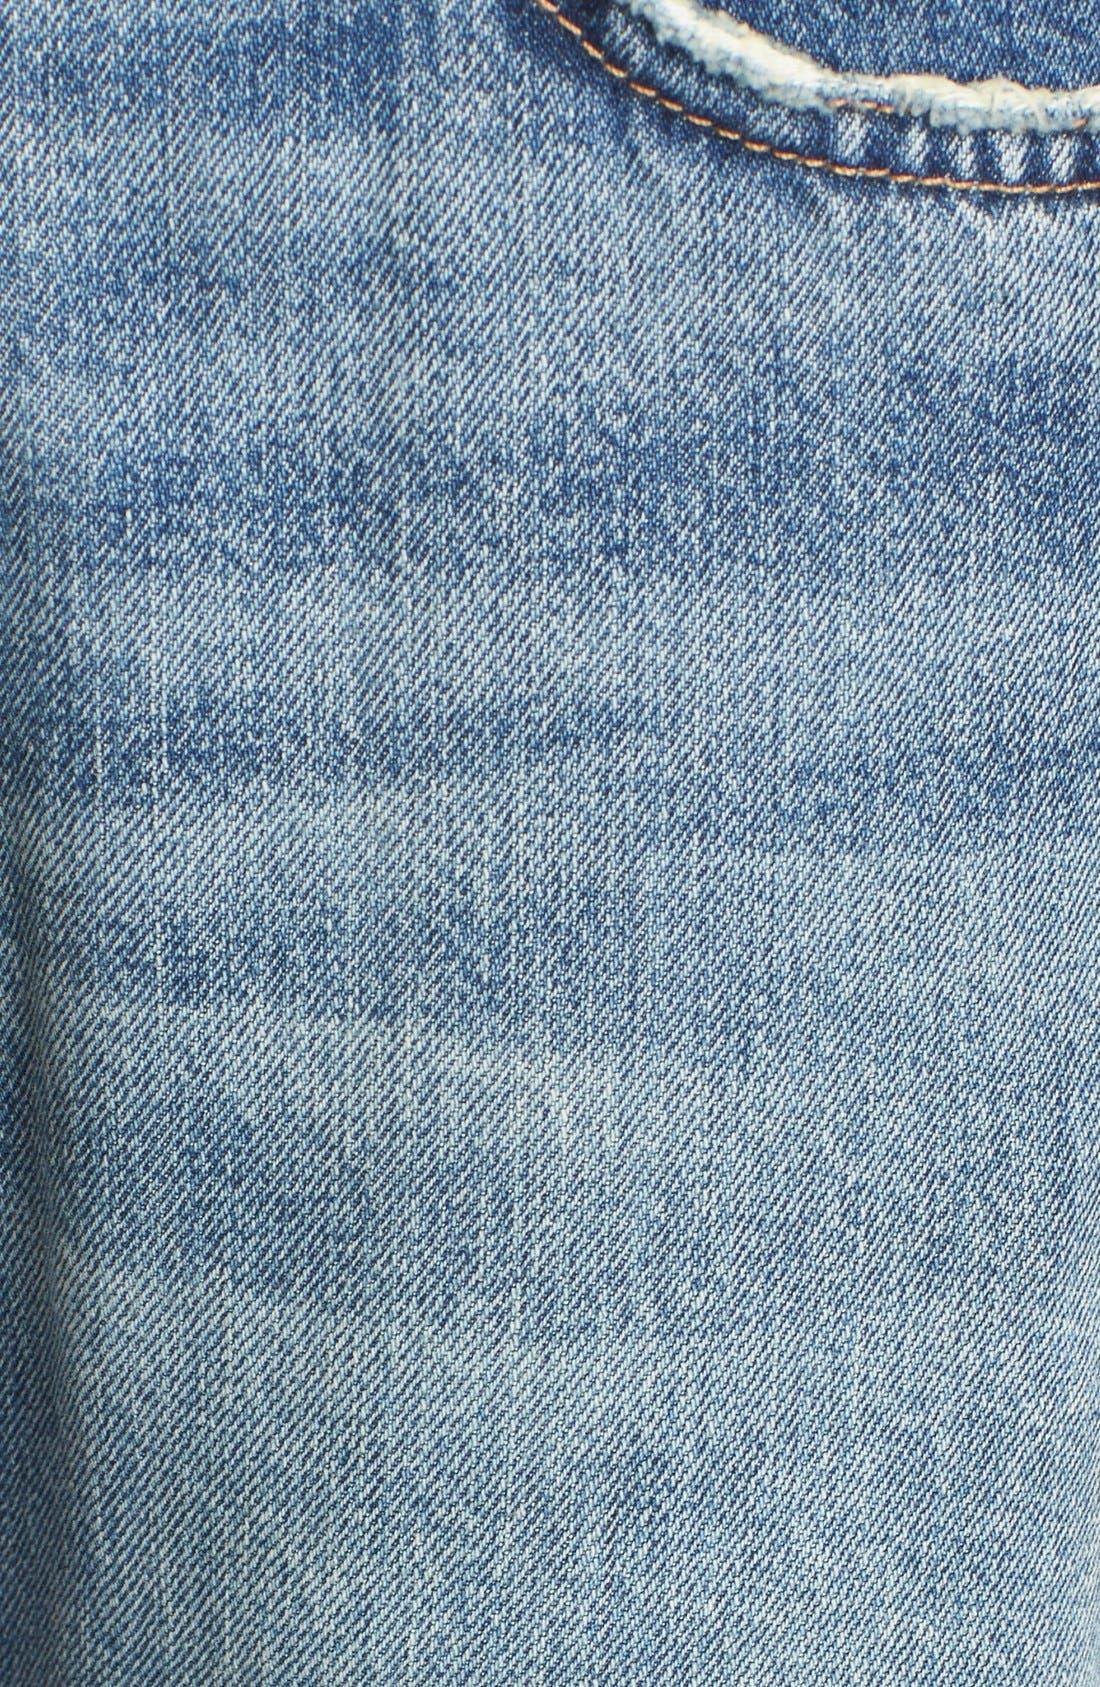 Alternate Image 5  - Current/Elliott 'The Fling' Jeans (Bedford Destroyed)